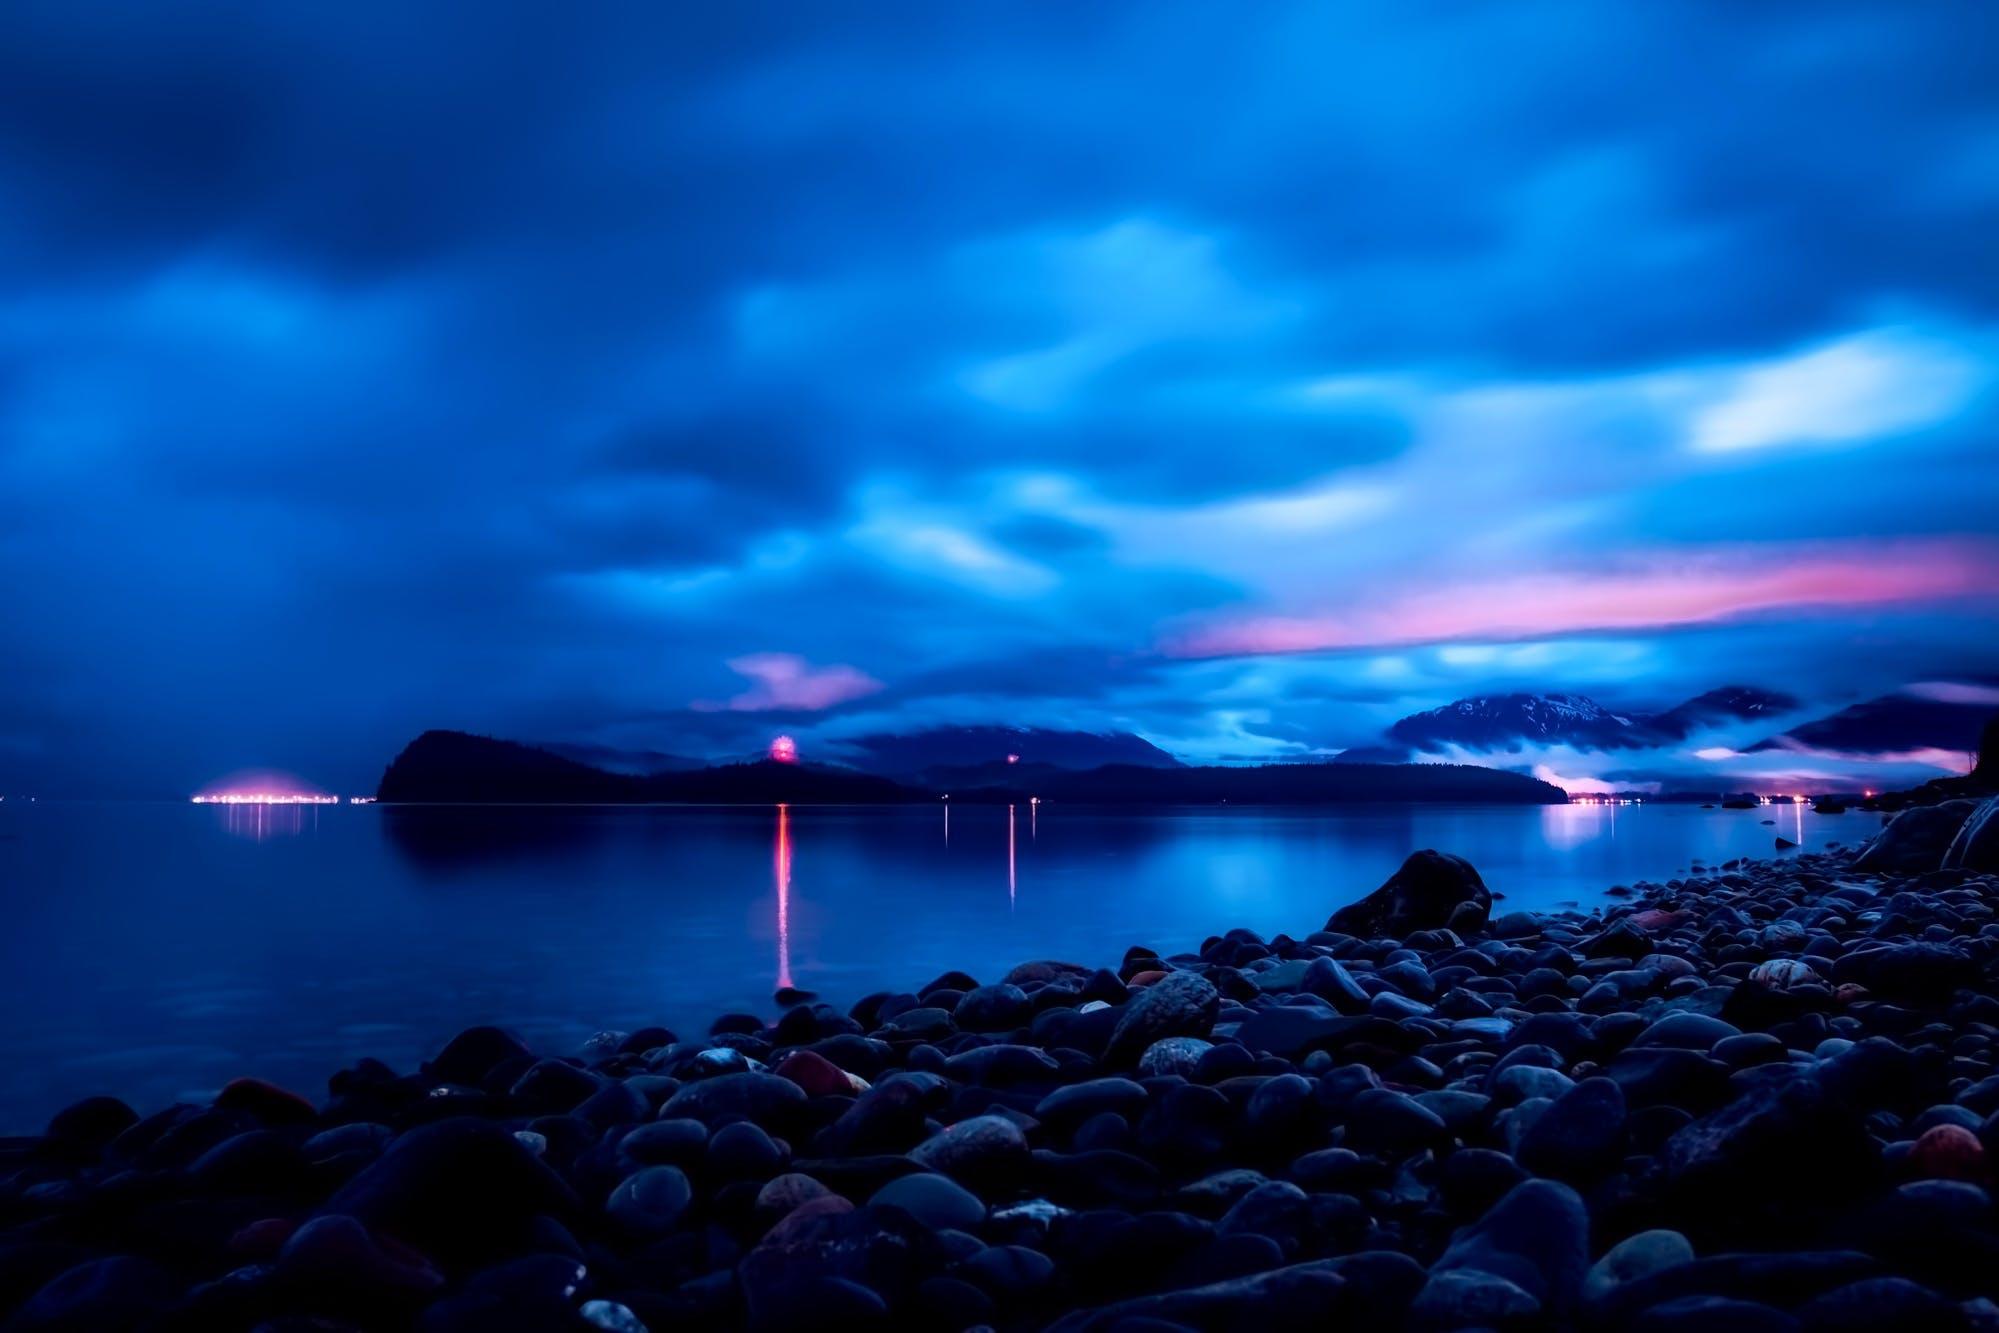 bay, clouds, dark